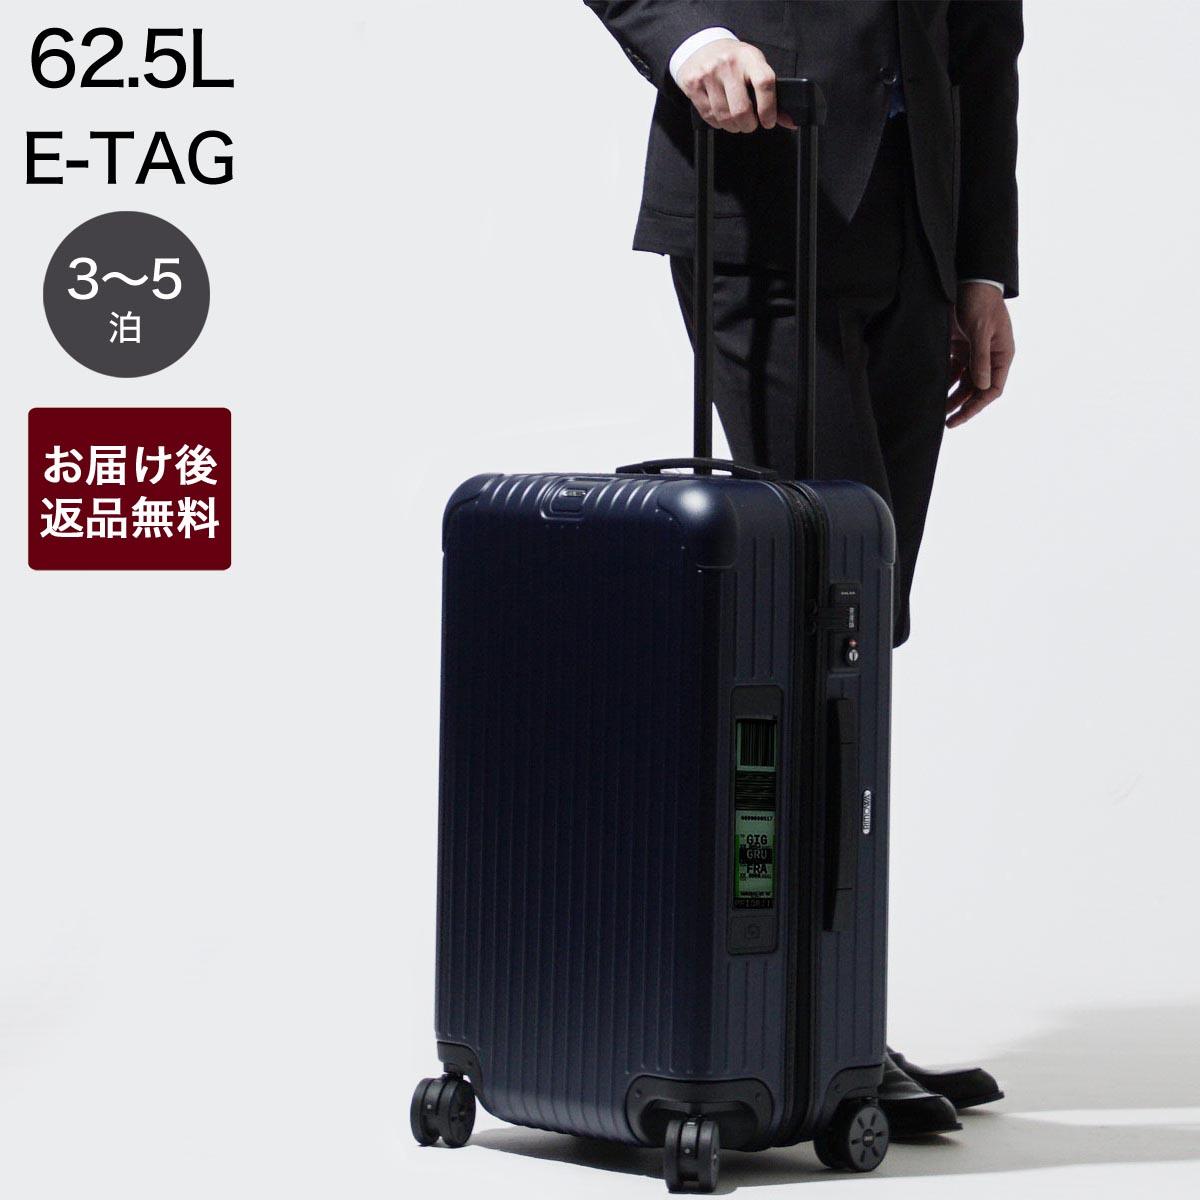 リモワ RIMOWA スーツケース 電子タグ仕様 キャリーケース ブルー メンズ レディース 旅行 大容量 トラベル 出張 世界初 デザイン おしゃれ ビジネストローリー 811.63.39.5 SALSA 63 E-TAG MULTIWHEEL サルサ 62.5L【返品送料無料】